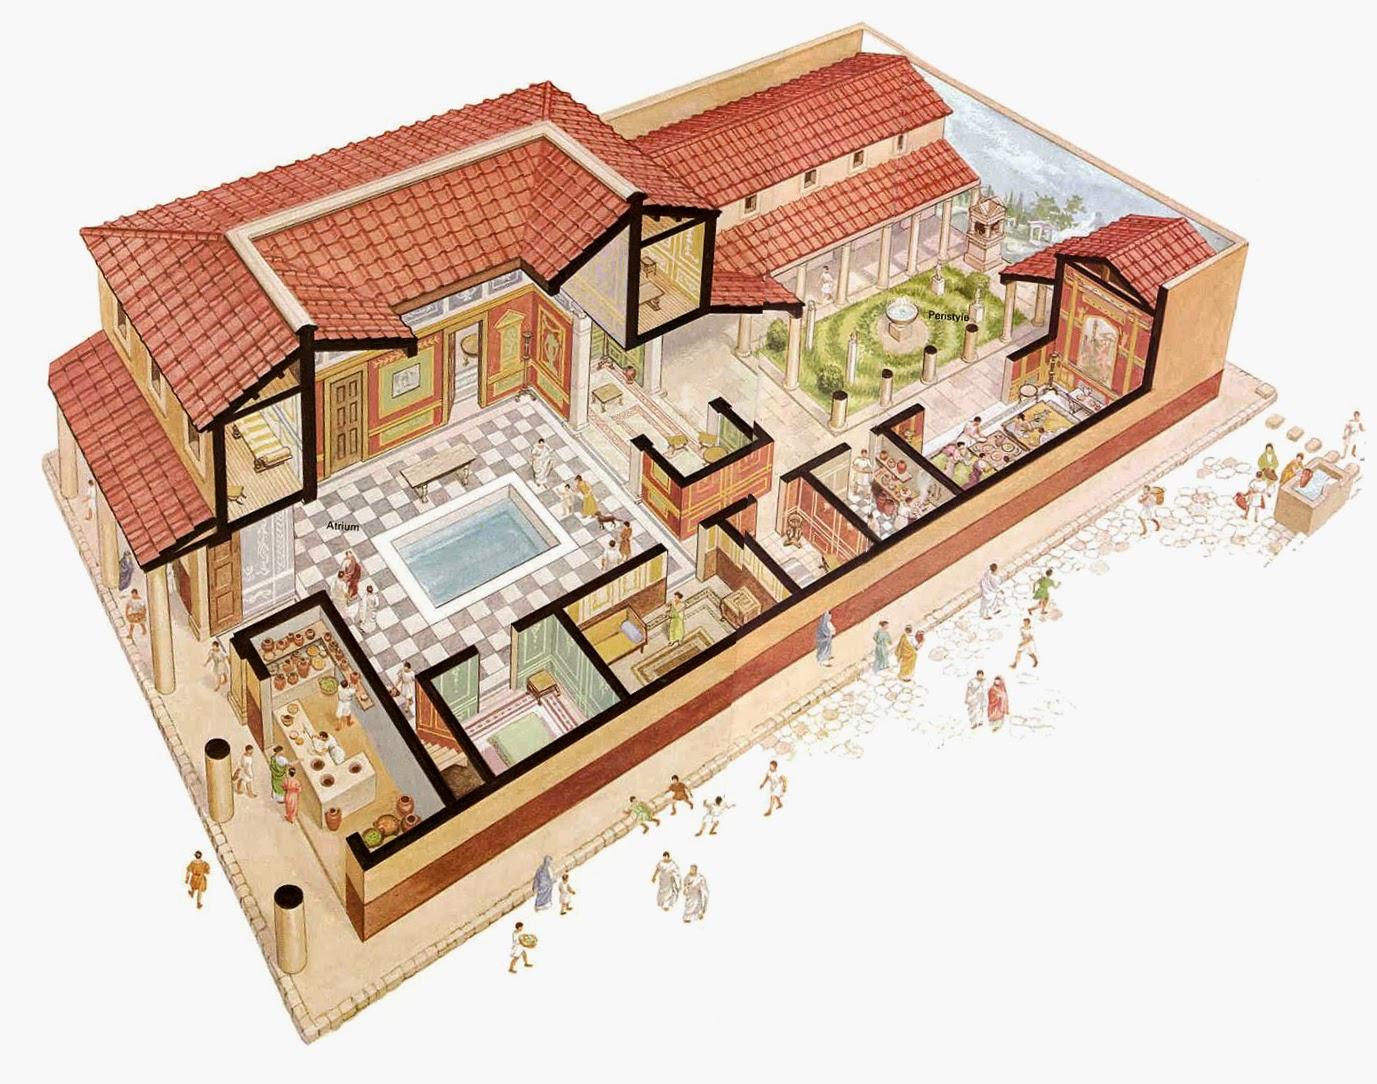 Griekse cultuur griekse bouwkunst - De gevels van de huizen ...